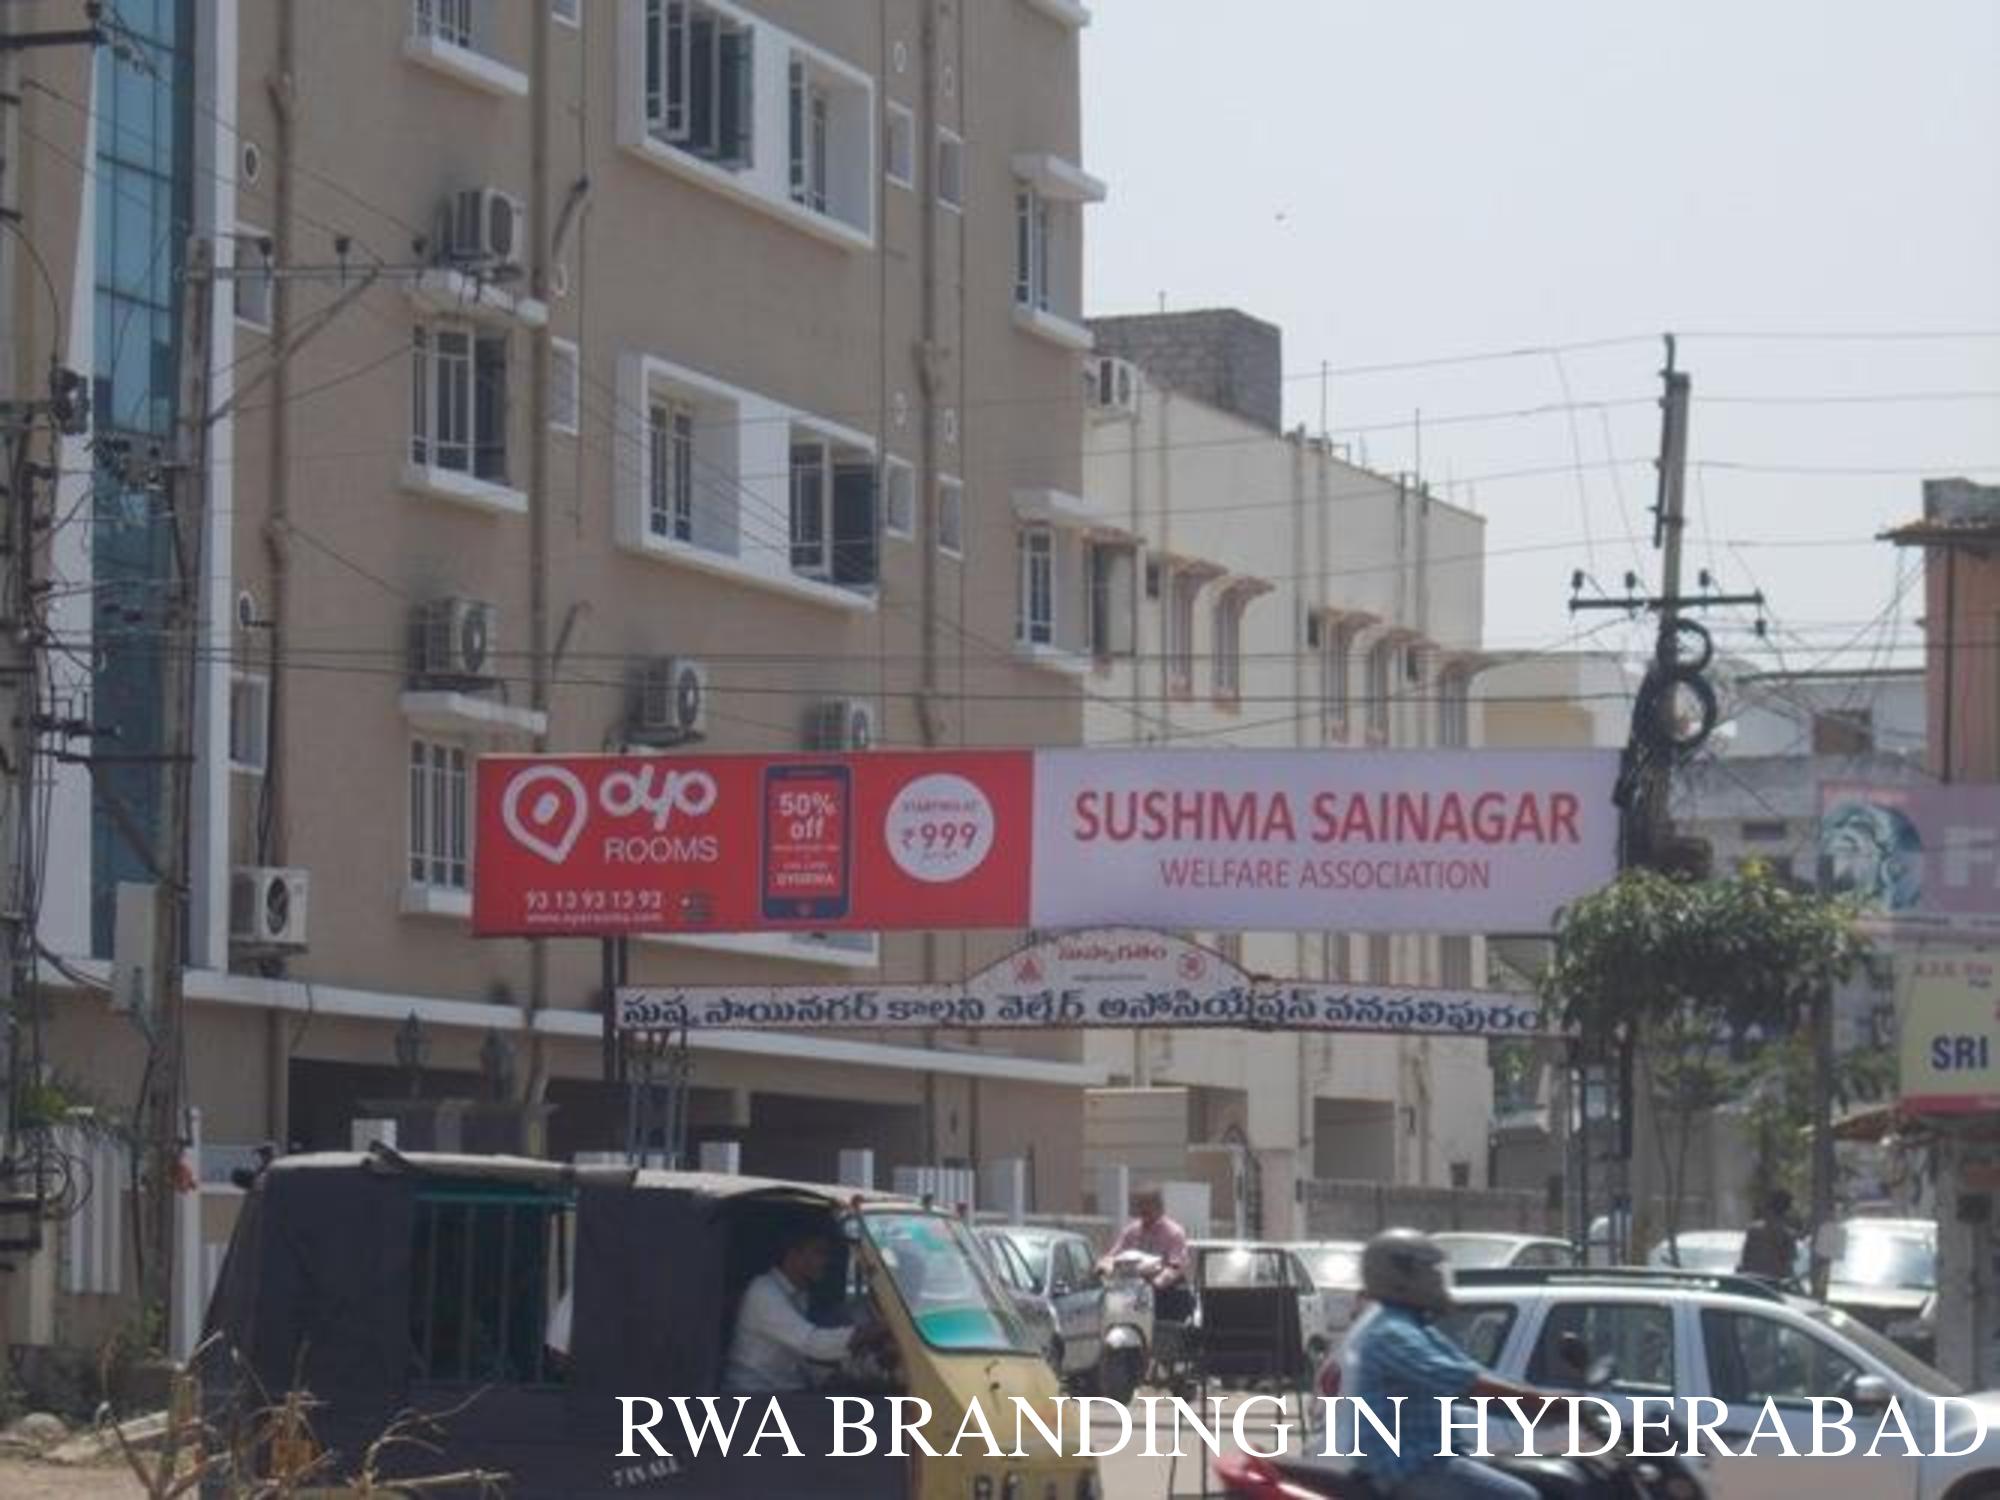 Sushma Sainagar, Hyderabad